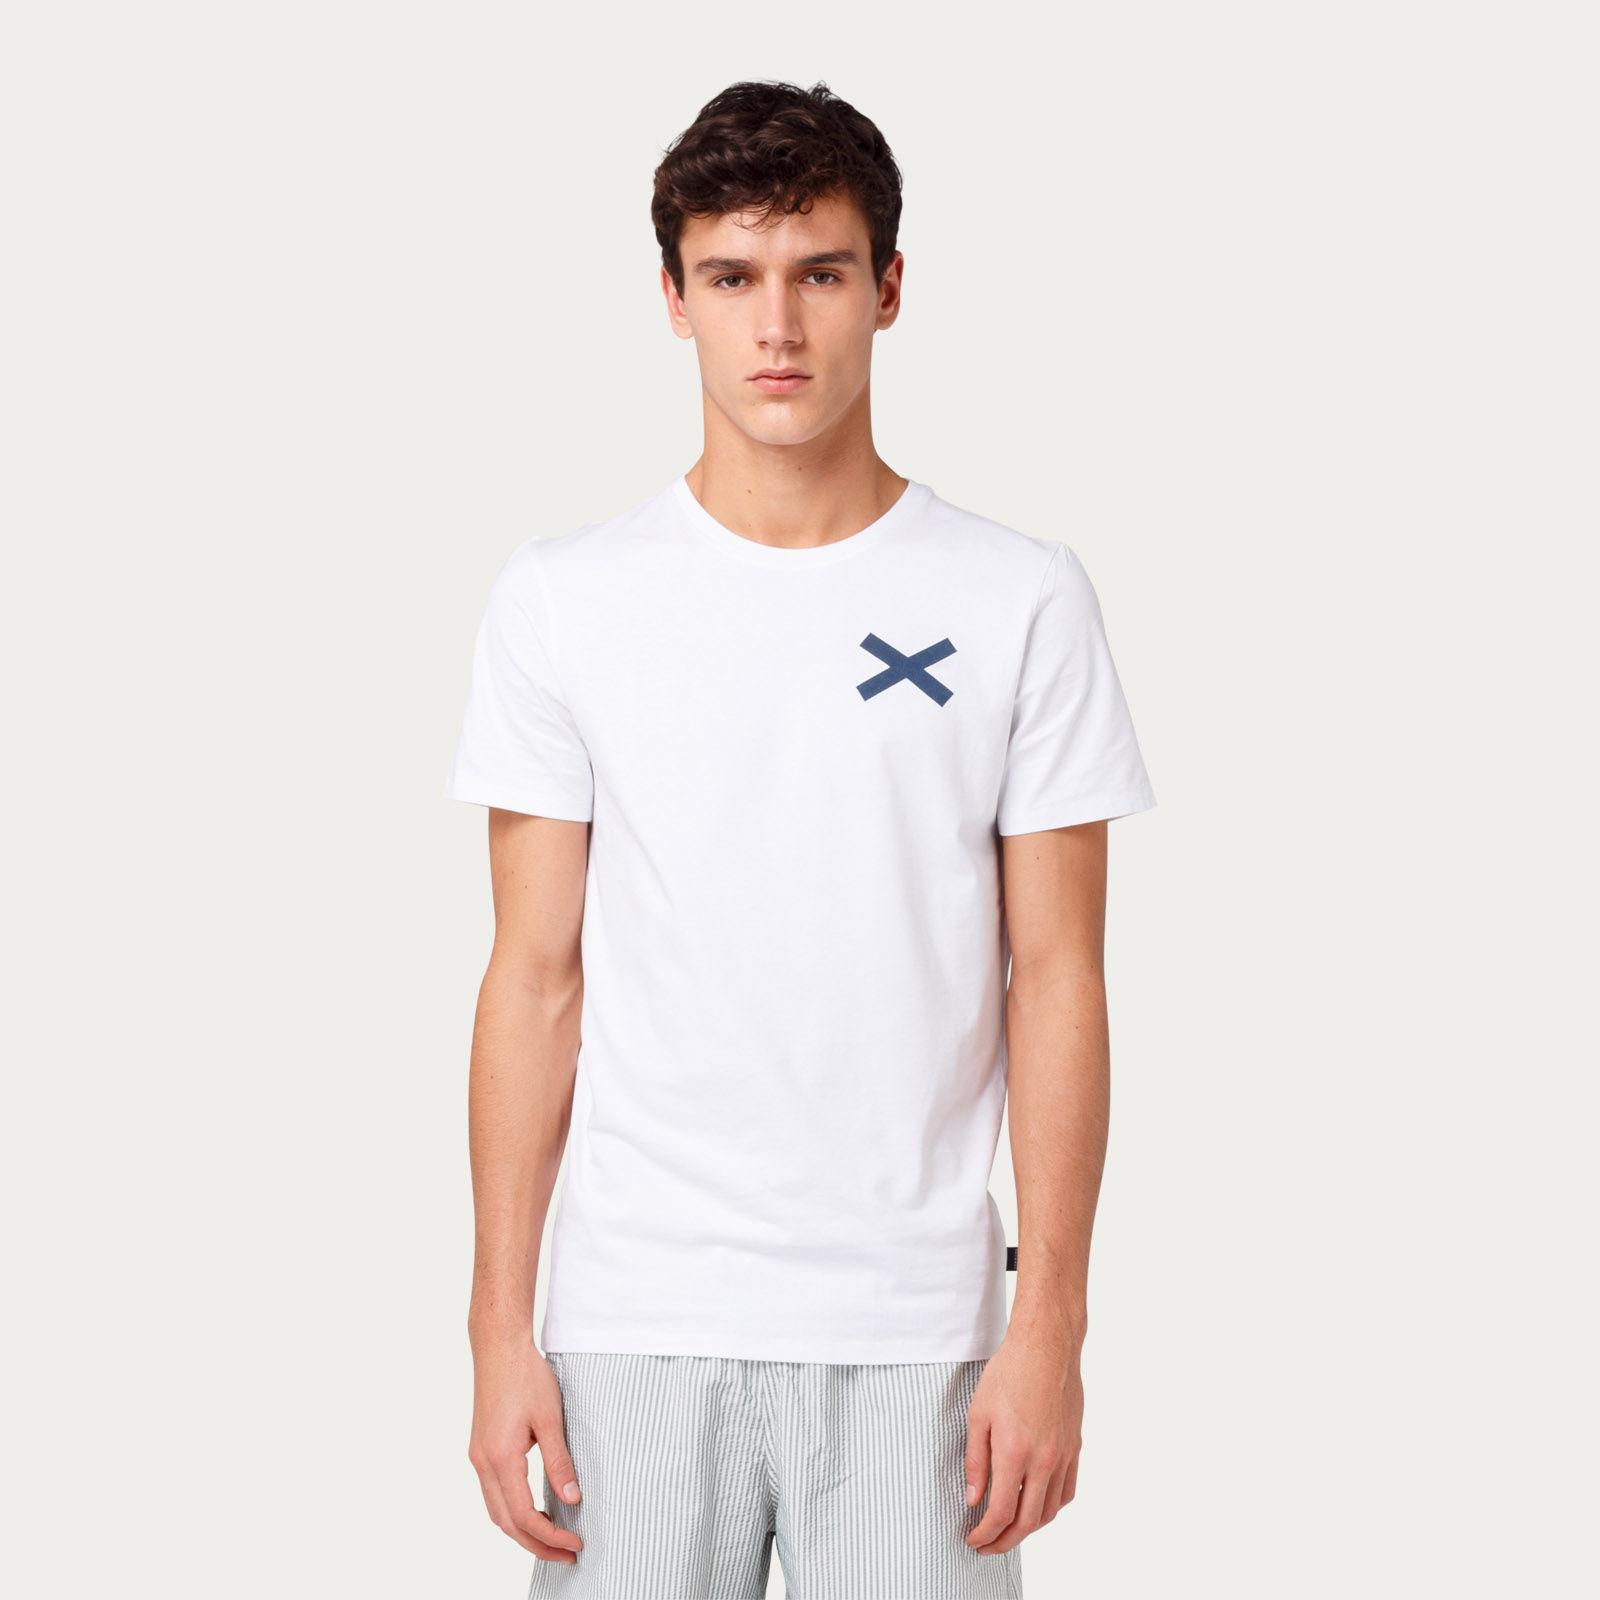 Plain White Cross Tee-shirt | Bombinate